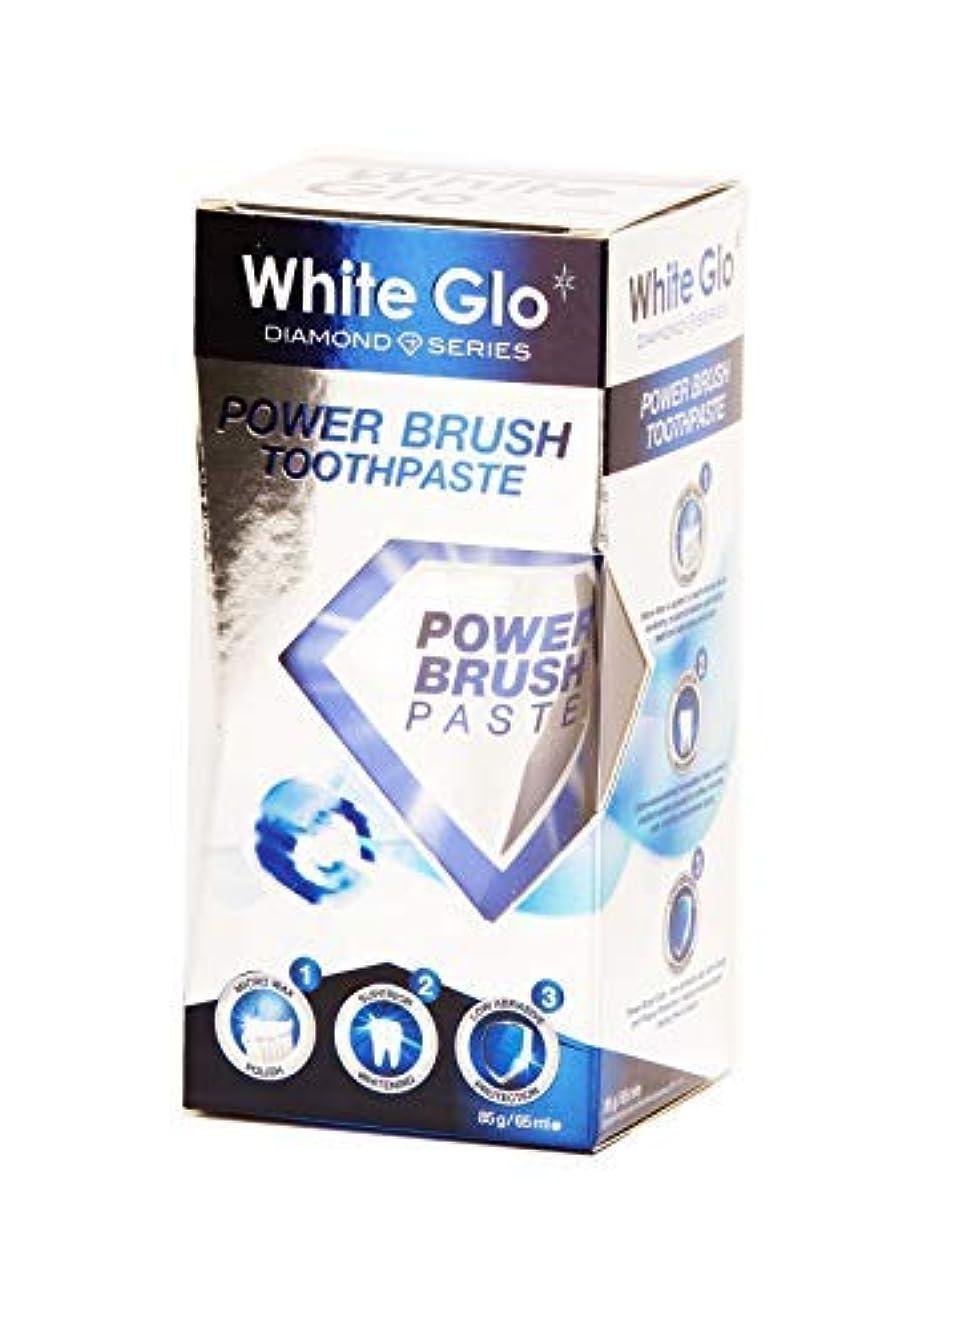 コーンウォール容器法的Teeth Whitening Systems White Glo Electric Powerbrush Whitening Toothpaste 85g Australia / 歯磨き粉85gオーストラリアを白くする...